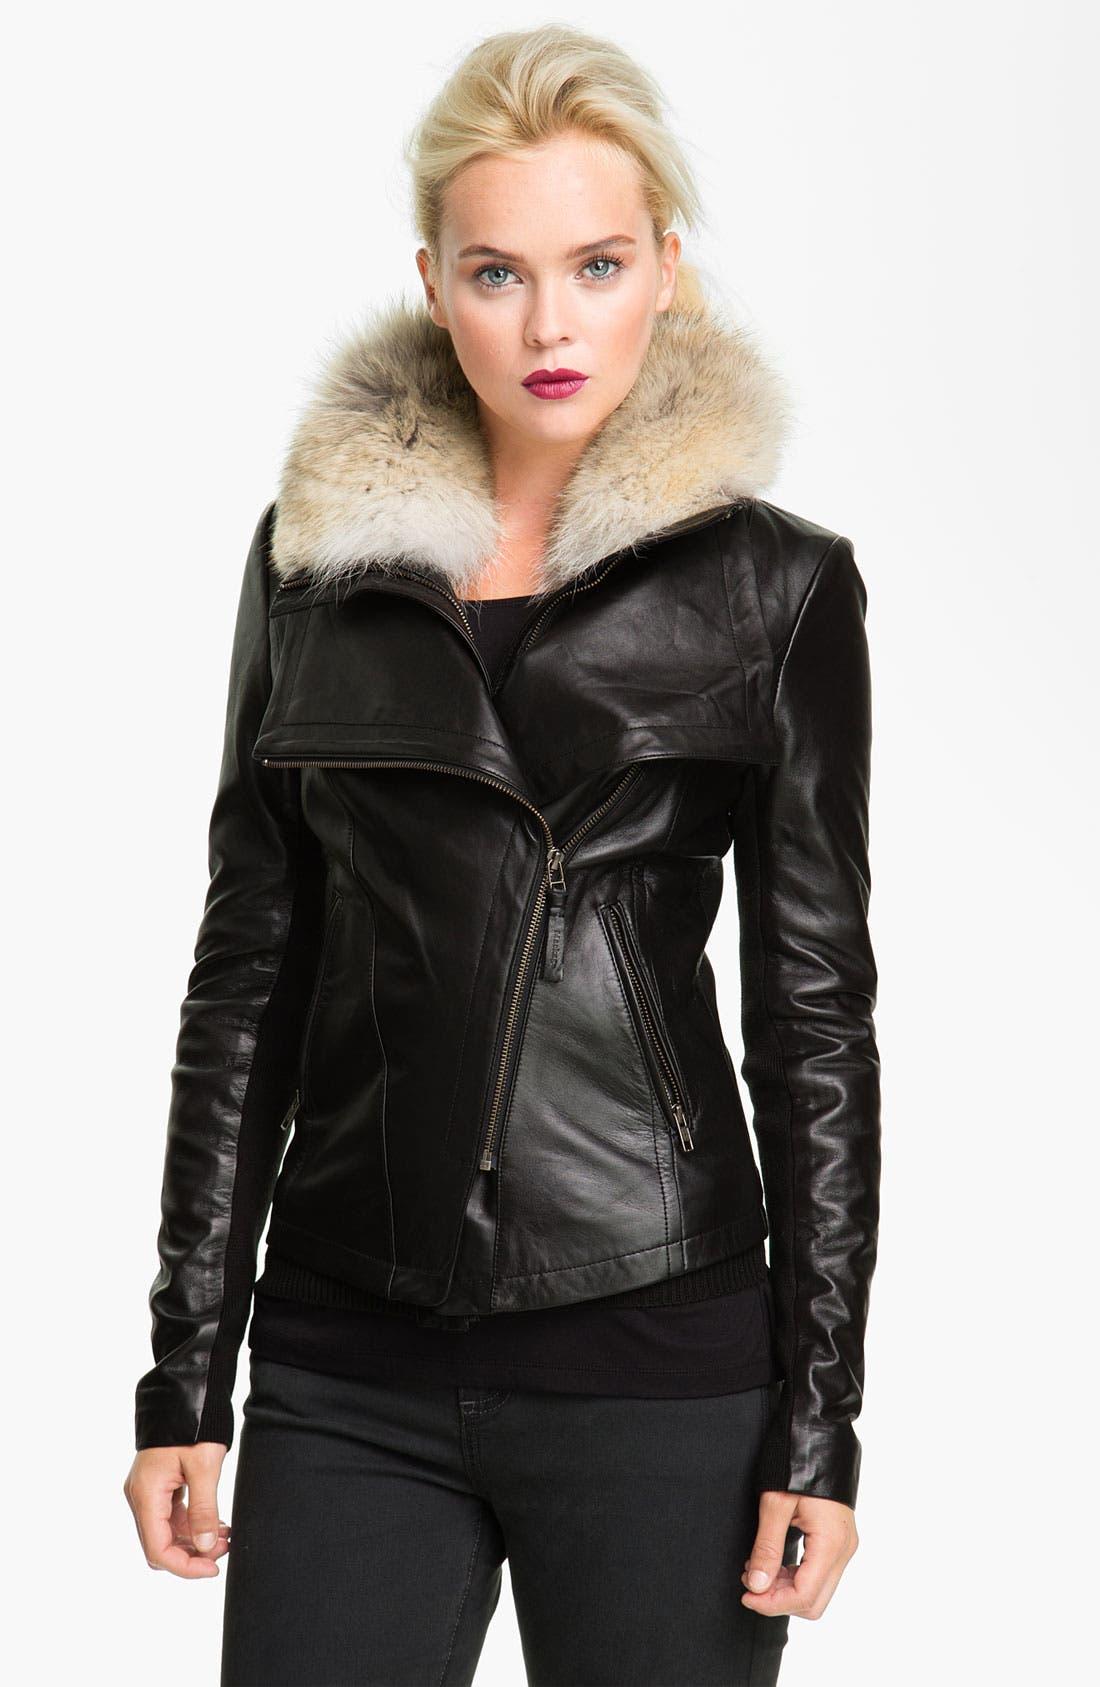 Модные кожаные куртки осень 2018 женские фото 7